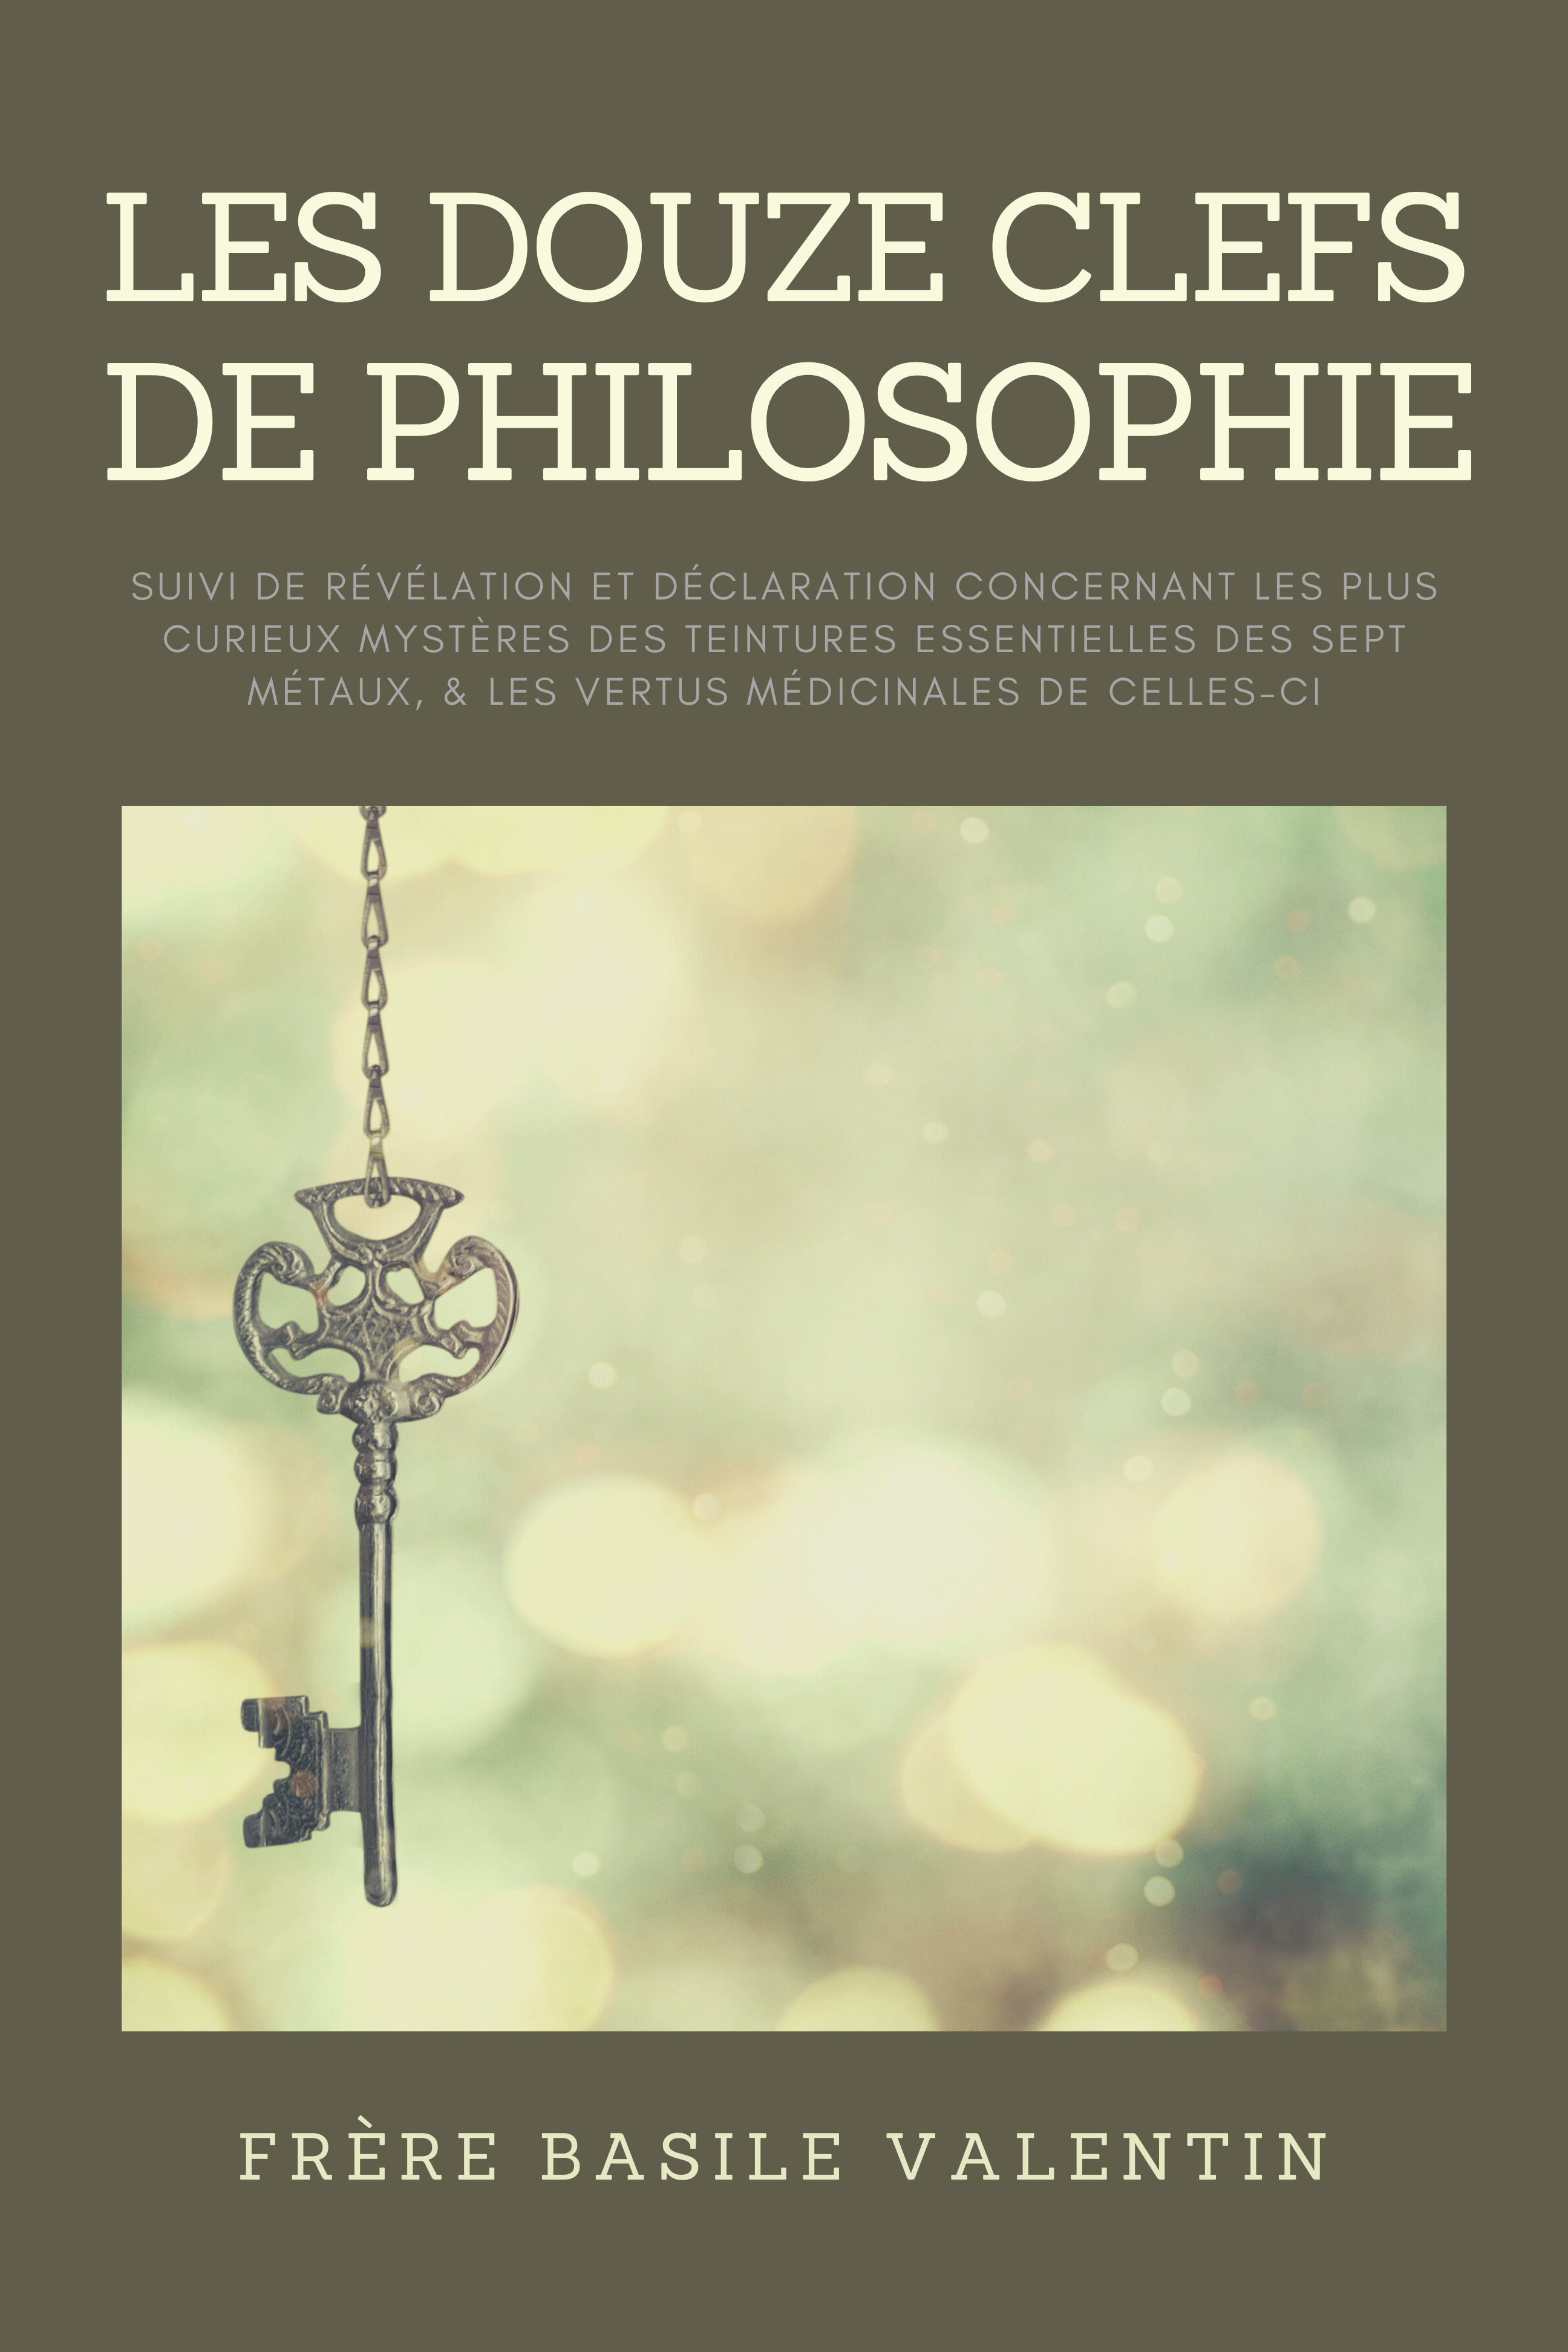 Les douze clefs de Philosophie